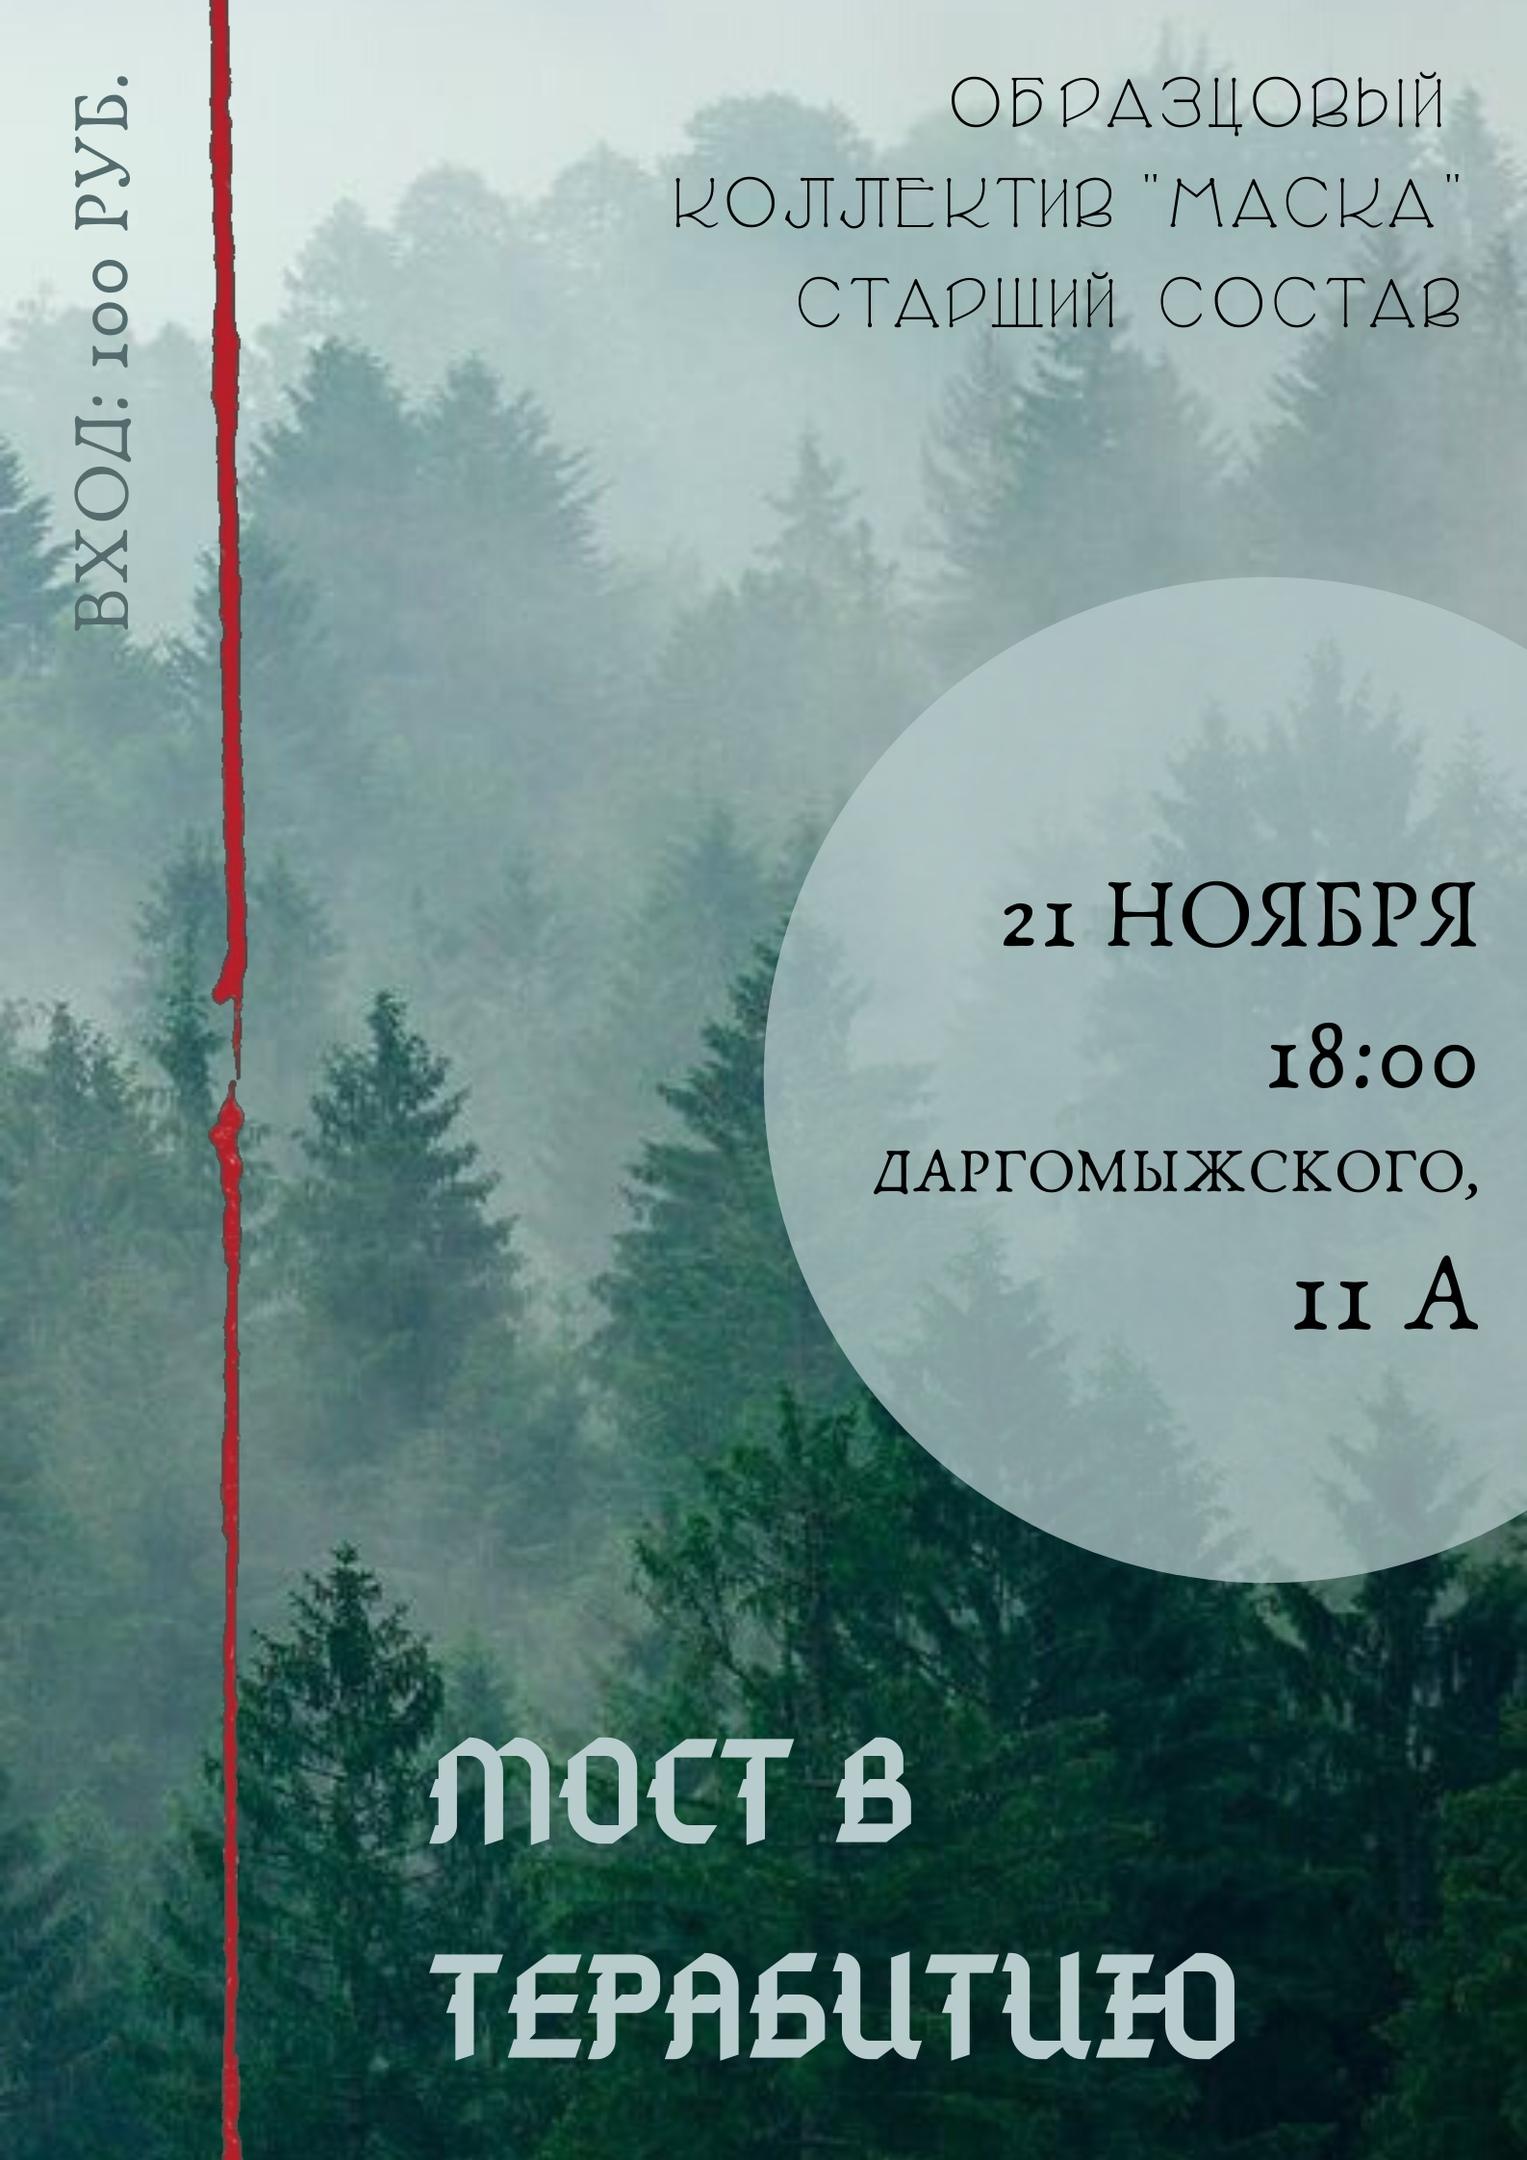 http://cdt-leninskii.ucoz.net/foto_novosti/afisha_maska_18_nojabrja.jpg